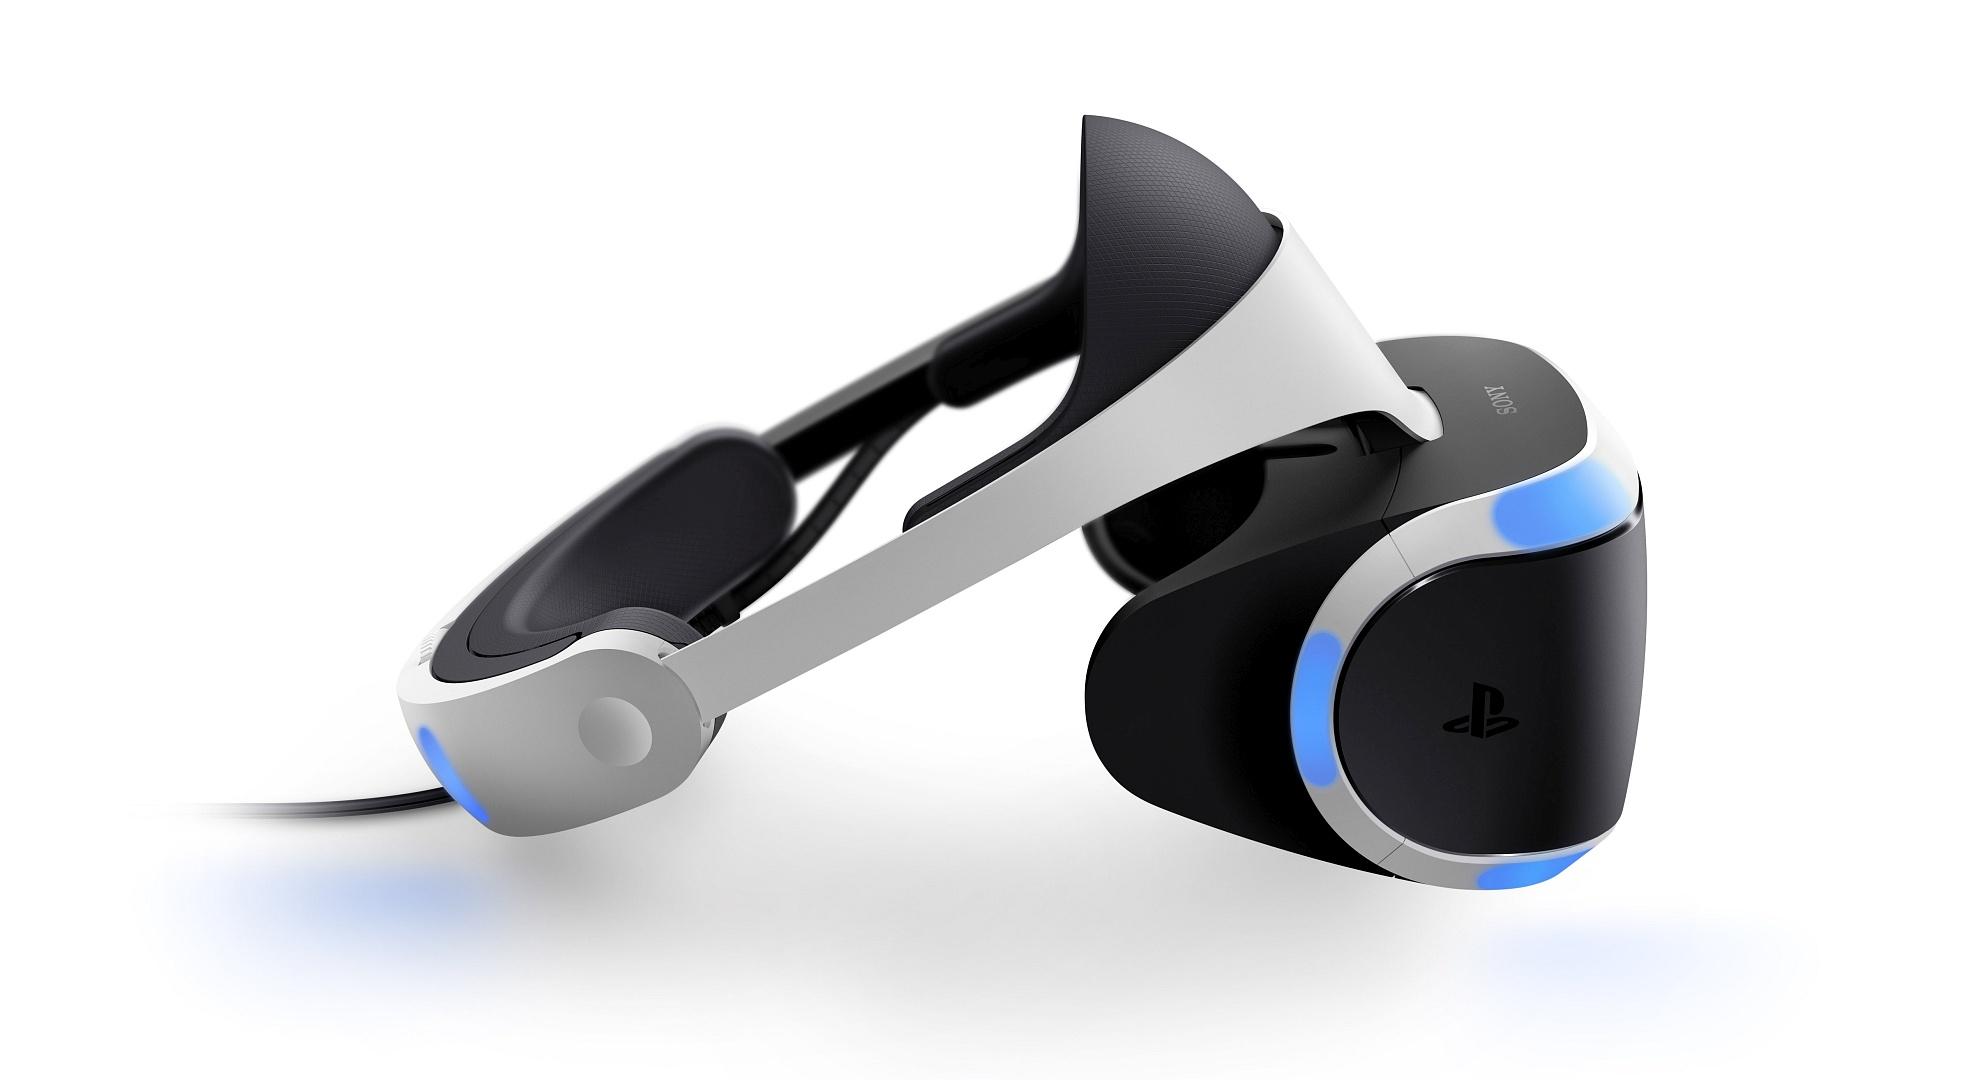 Todos Los Juegos De Playstation 4 Son Compatibles Con El Modo